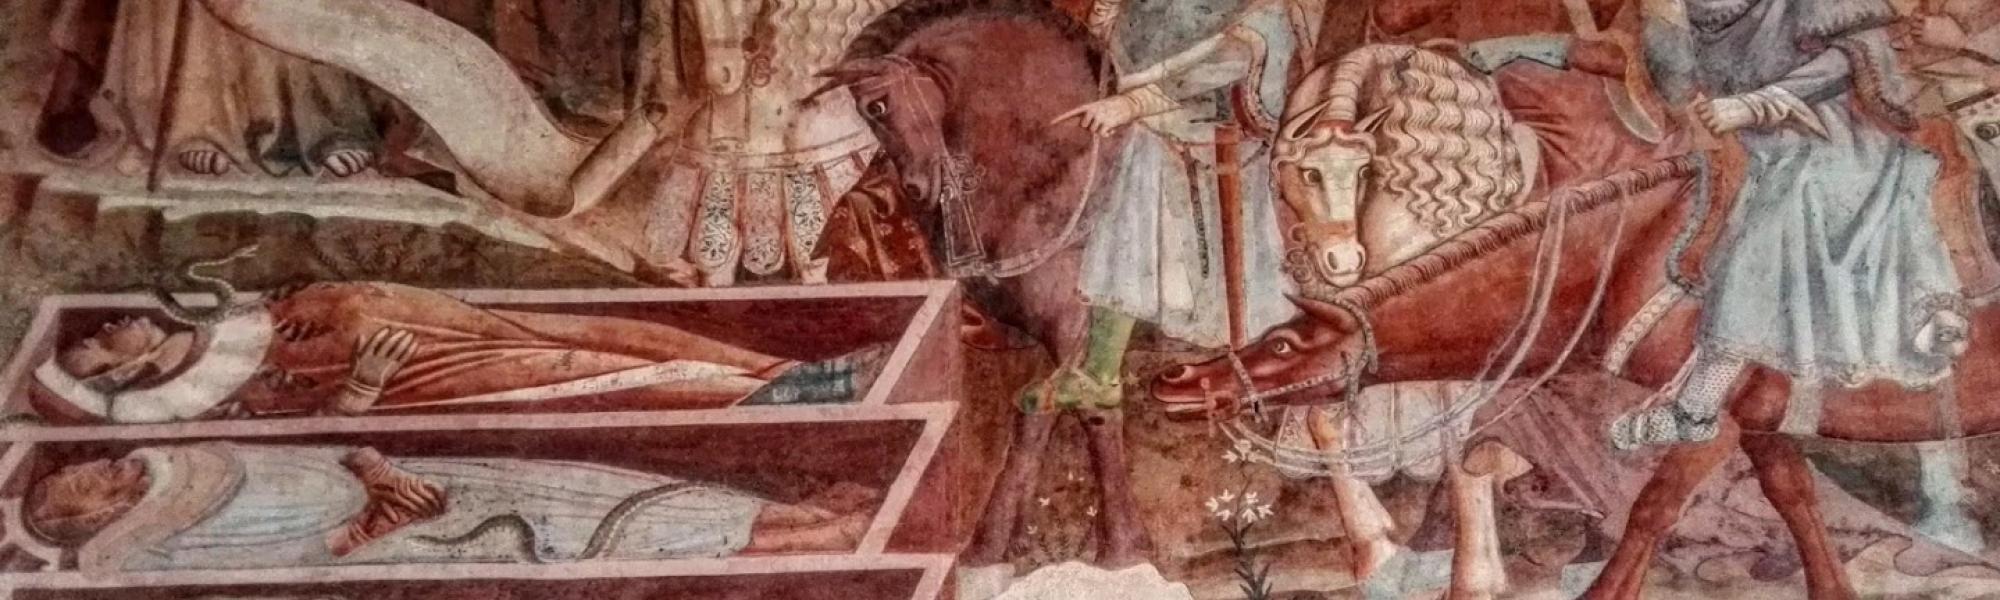 Scena dell'incontro dei tre vivi e i tre morti, Trionfo della Morte di Buonamico Buffalmacco (L. Corevi, Comune di Pisa)